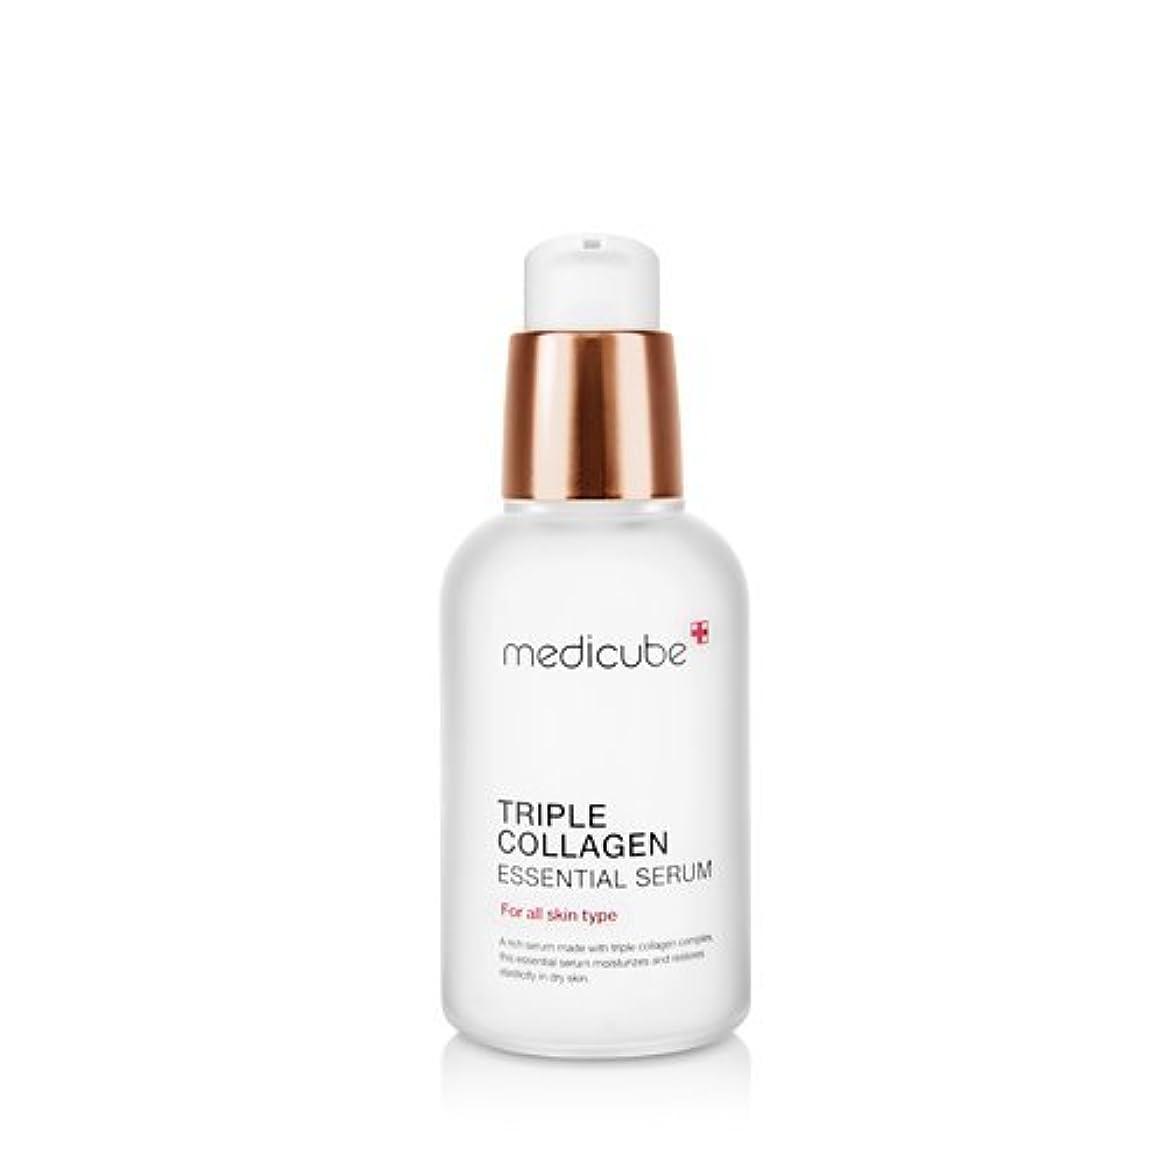 叫び声優勢洗剤medicube Triple Collagen Essential Serum 50ml/メディキューブ トリプル コラーゲン エッセンシャル セラム 50ml [並行輸入品]